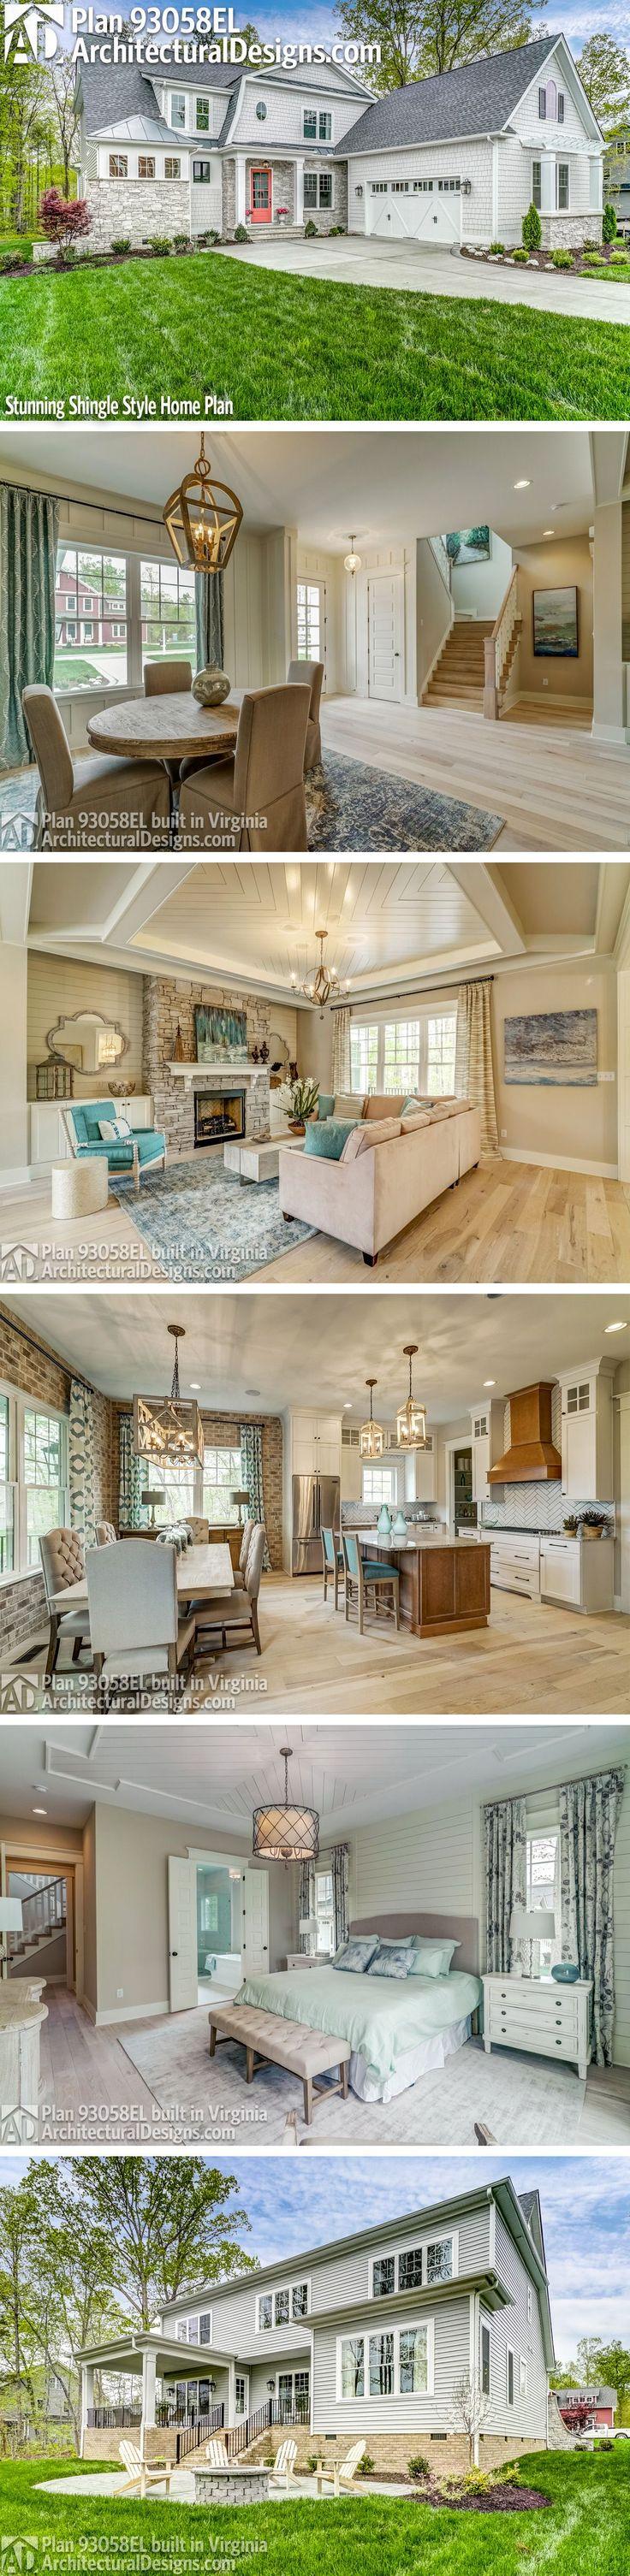 Architectural Designs House Plan 93058EL client built in